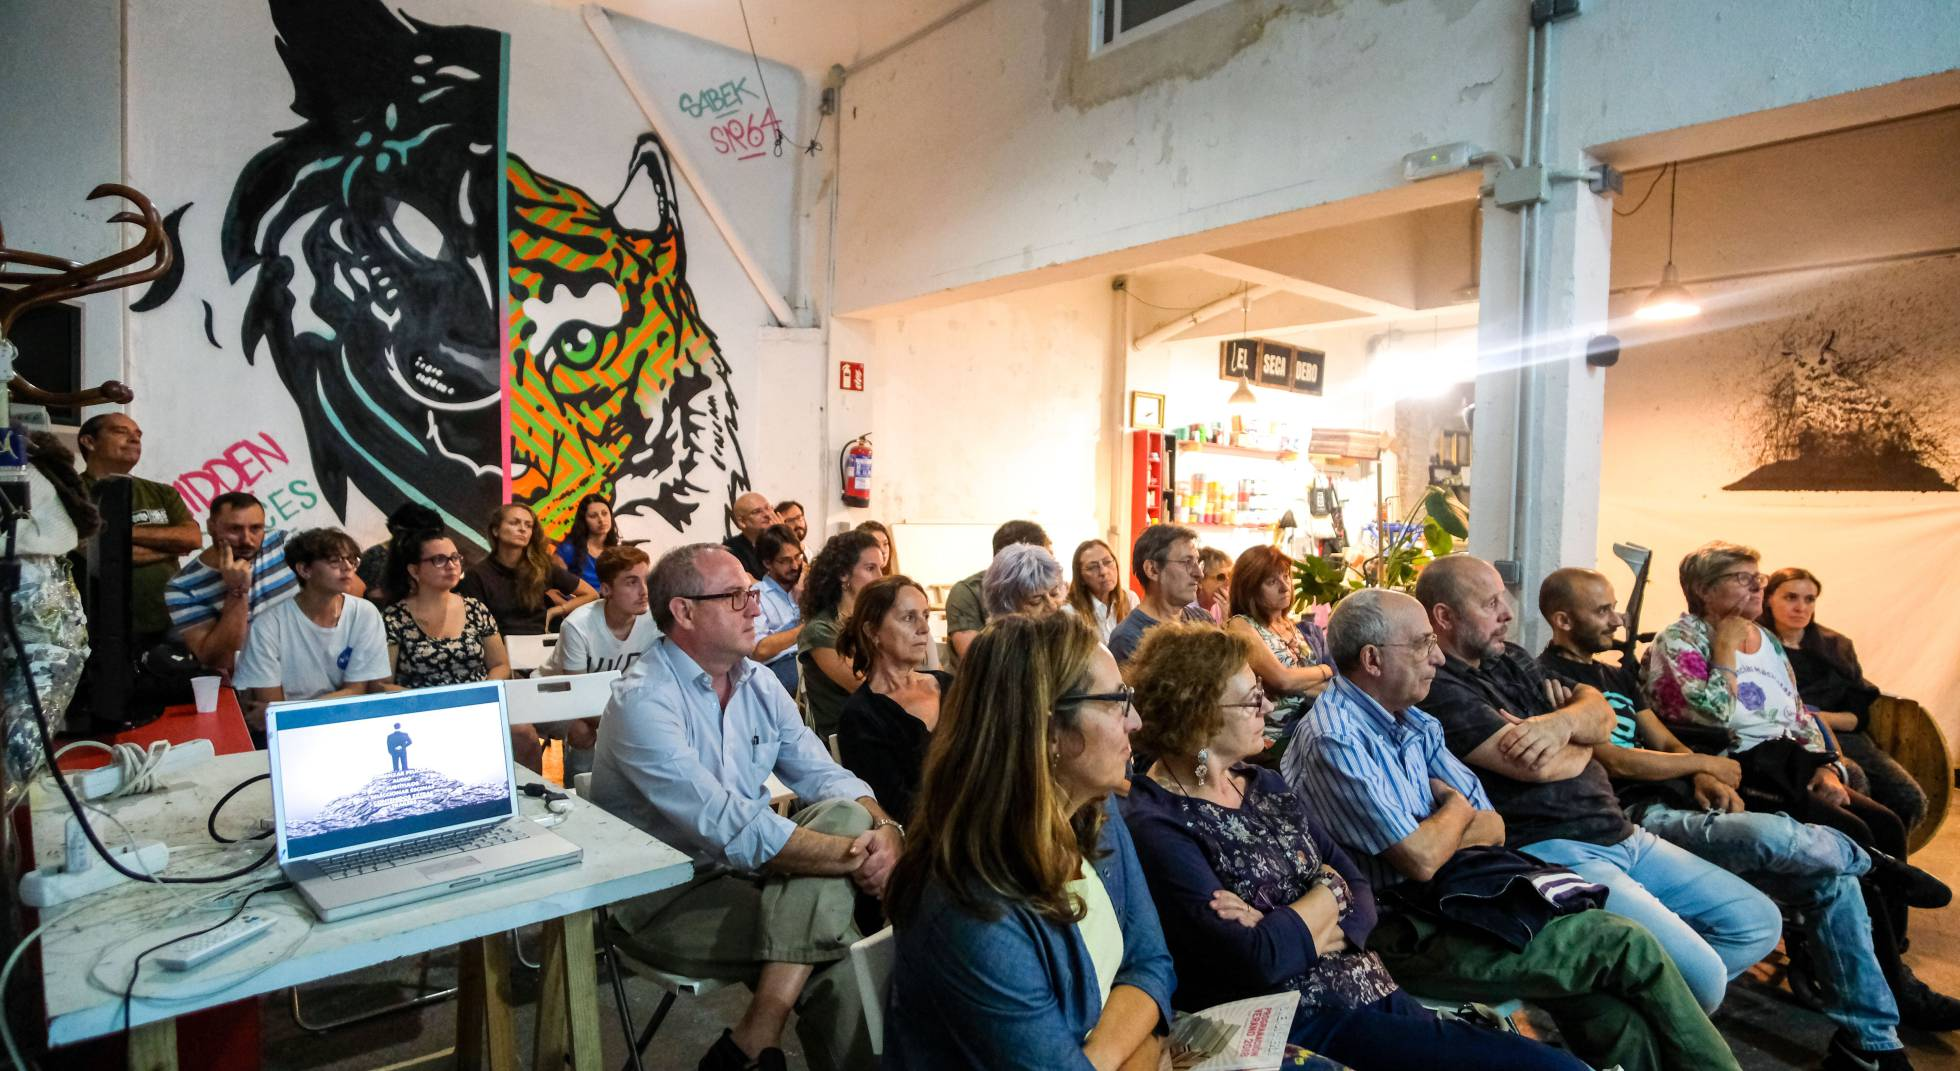 Чем удивляет эта неделя в Мадриде: французская музыка, мир растений, политические книги и многое другое